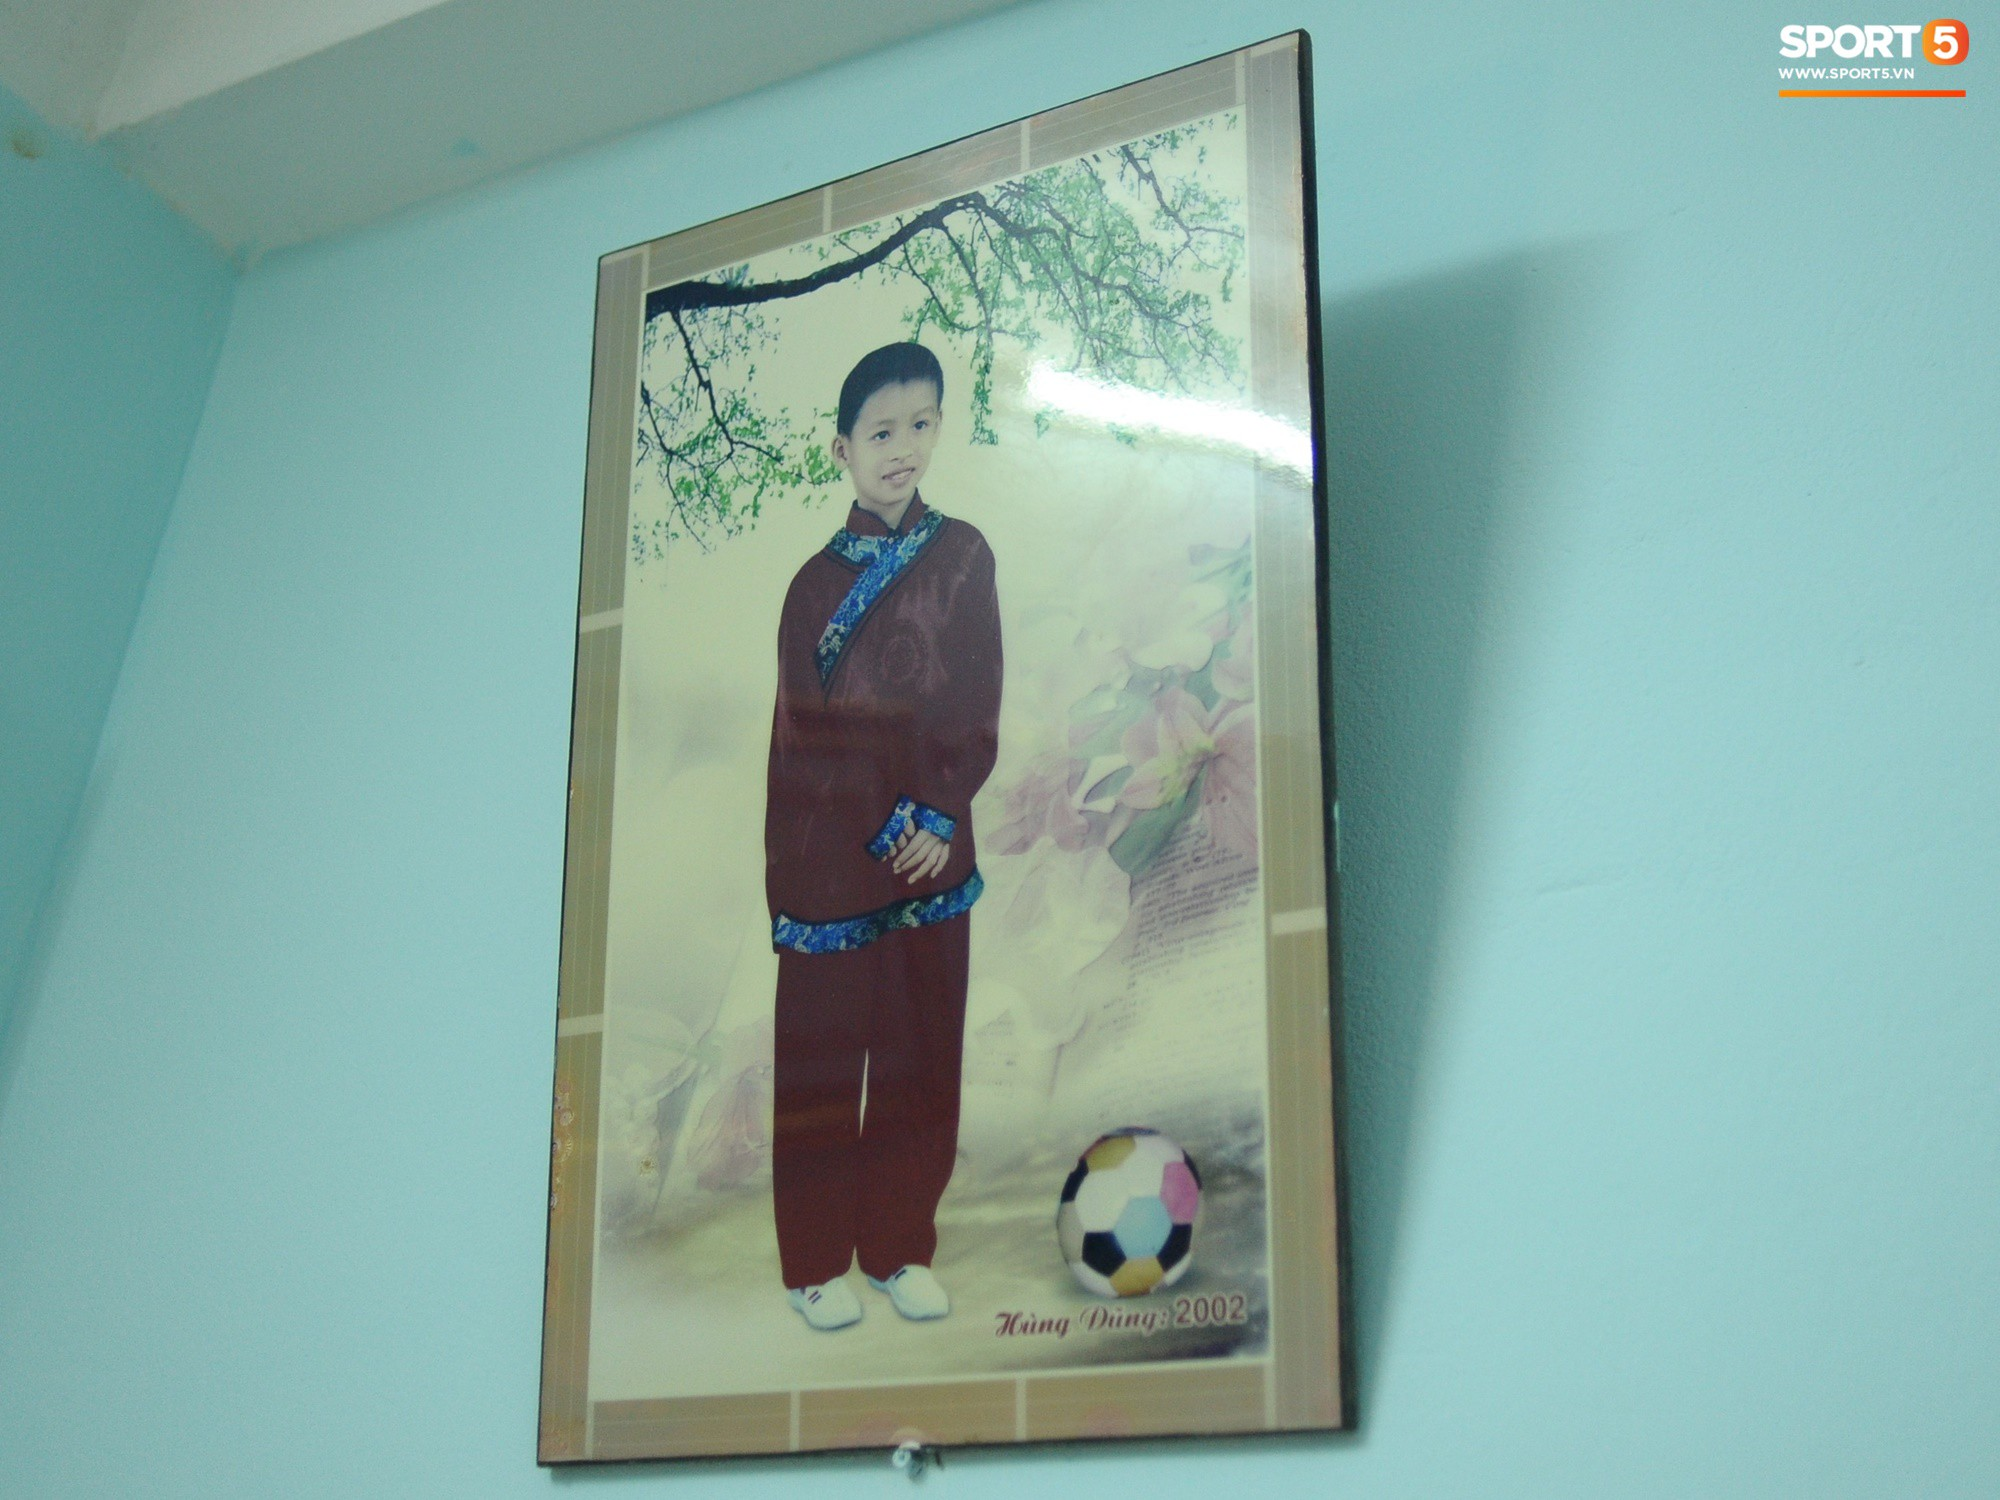 Tiền vệ tuyển Việt Nam tình tứ bên vợ tương lai chuẩn bị cho lễ cưới - Ảnh 10.